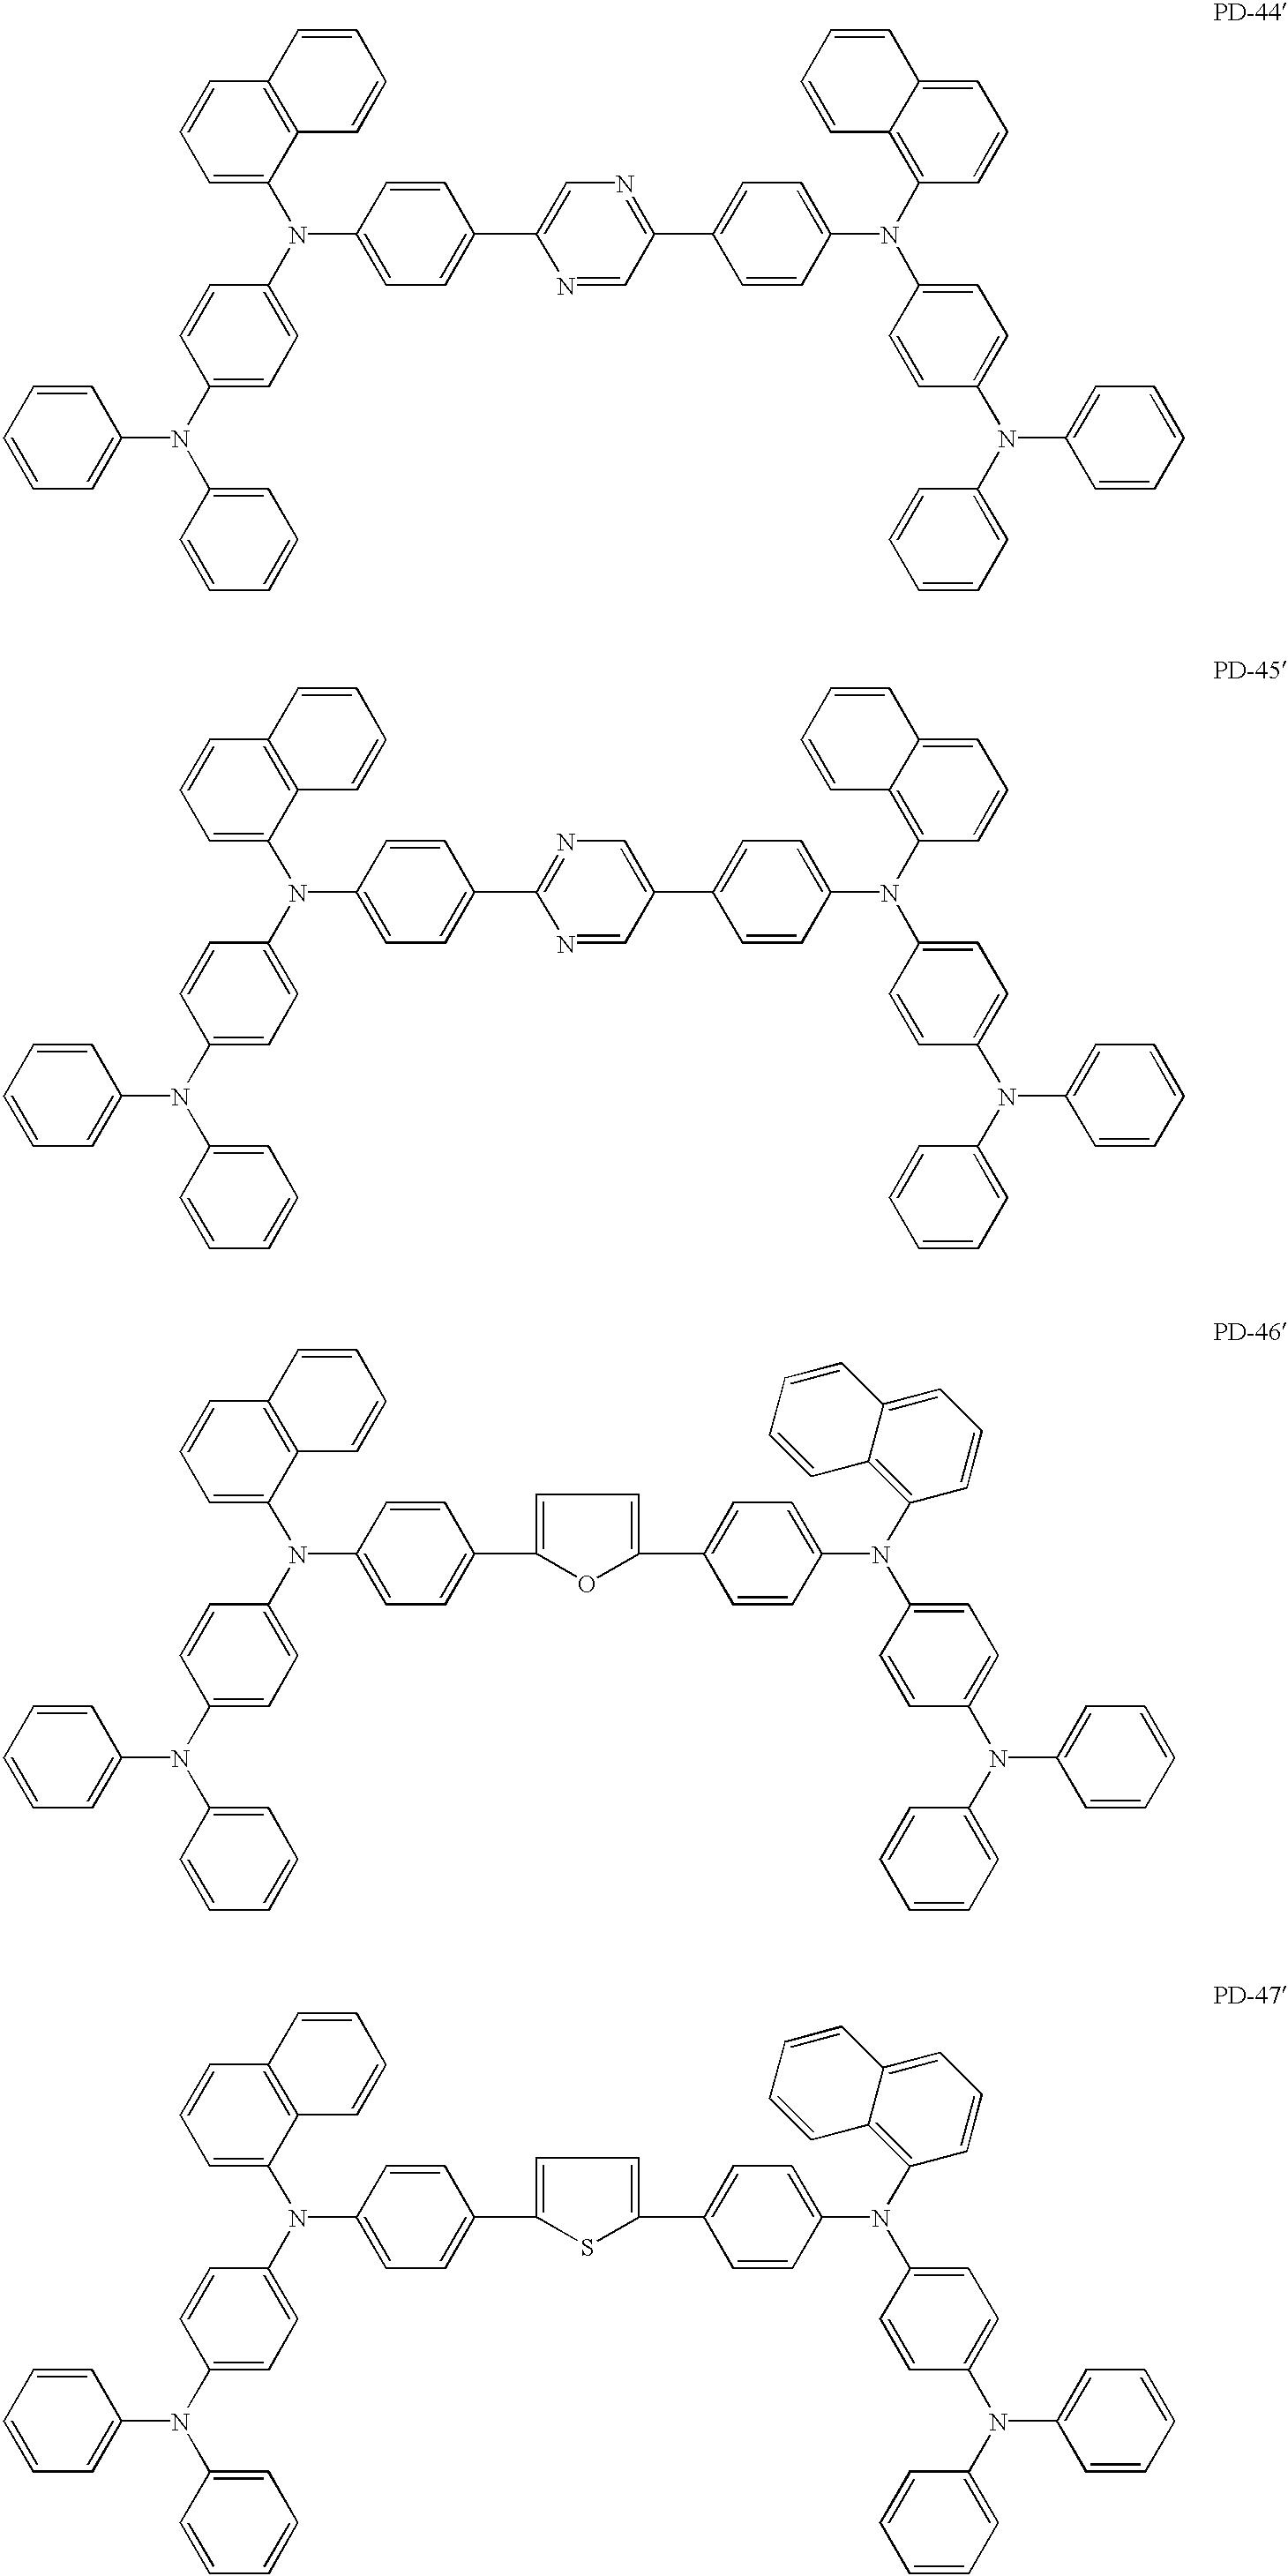 Figure US06541129-20030401-C00052